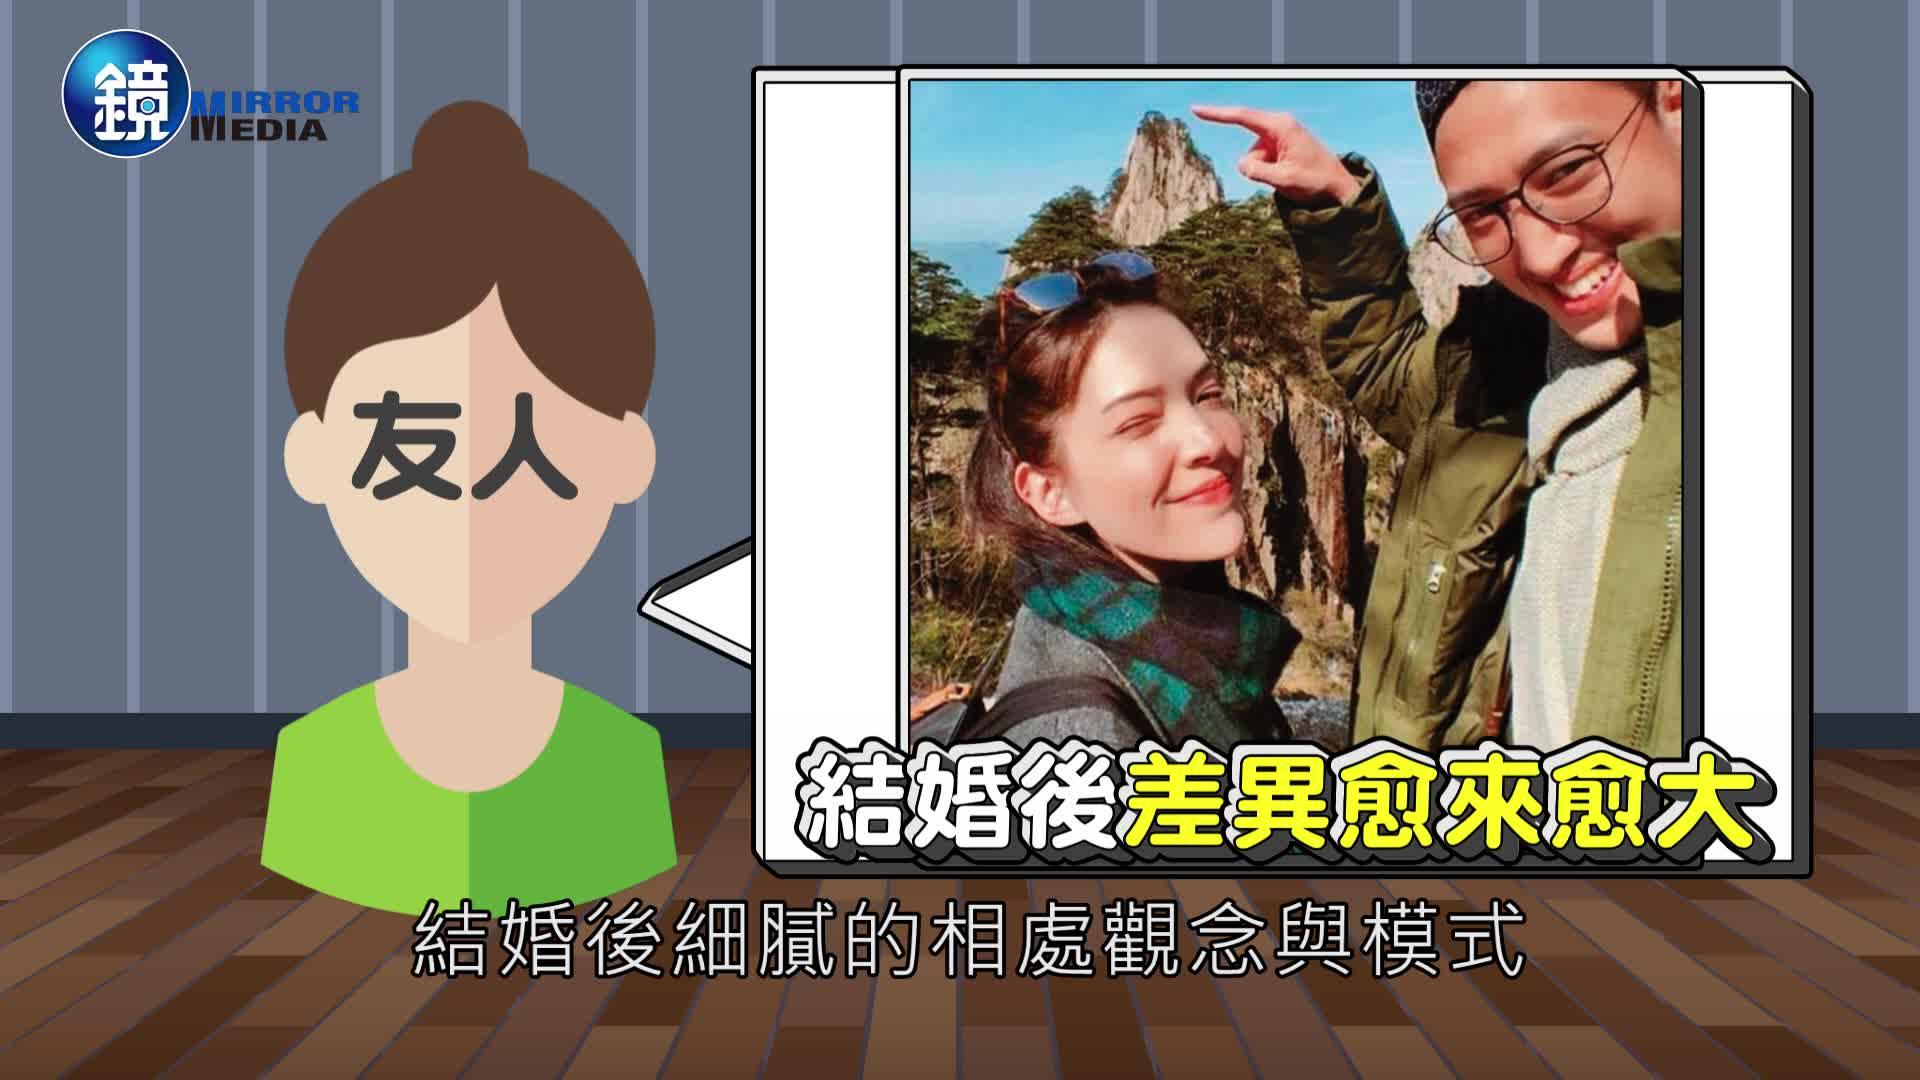 【鏡爆頭條】暫離傷心豪宅 許瑋甯極祕離婚劉又年|鏡週刊